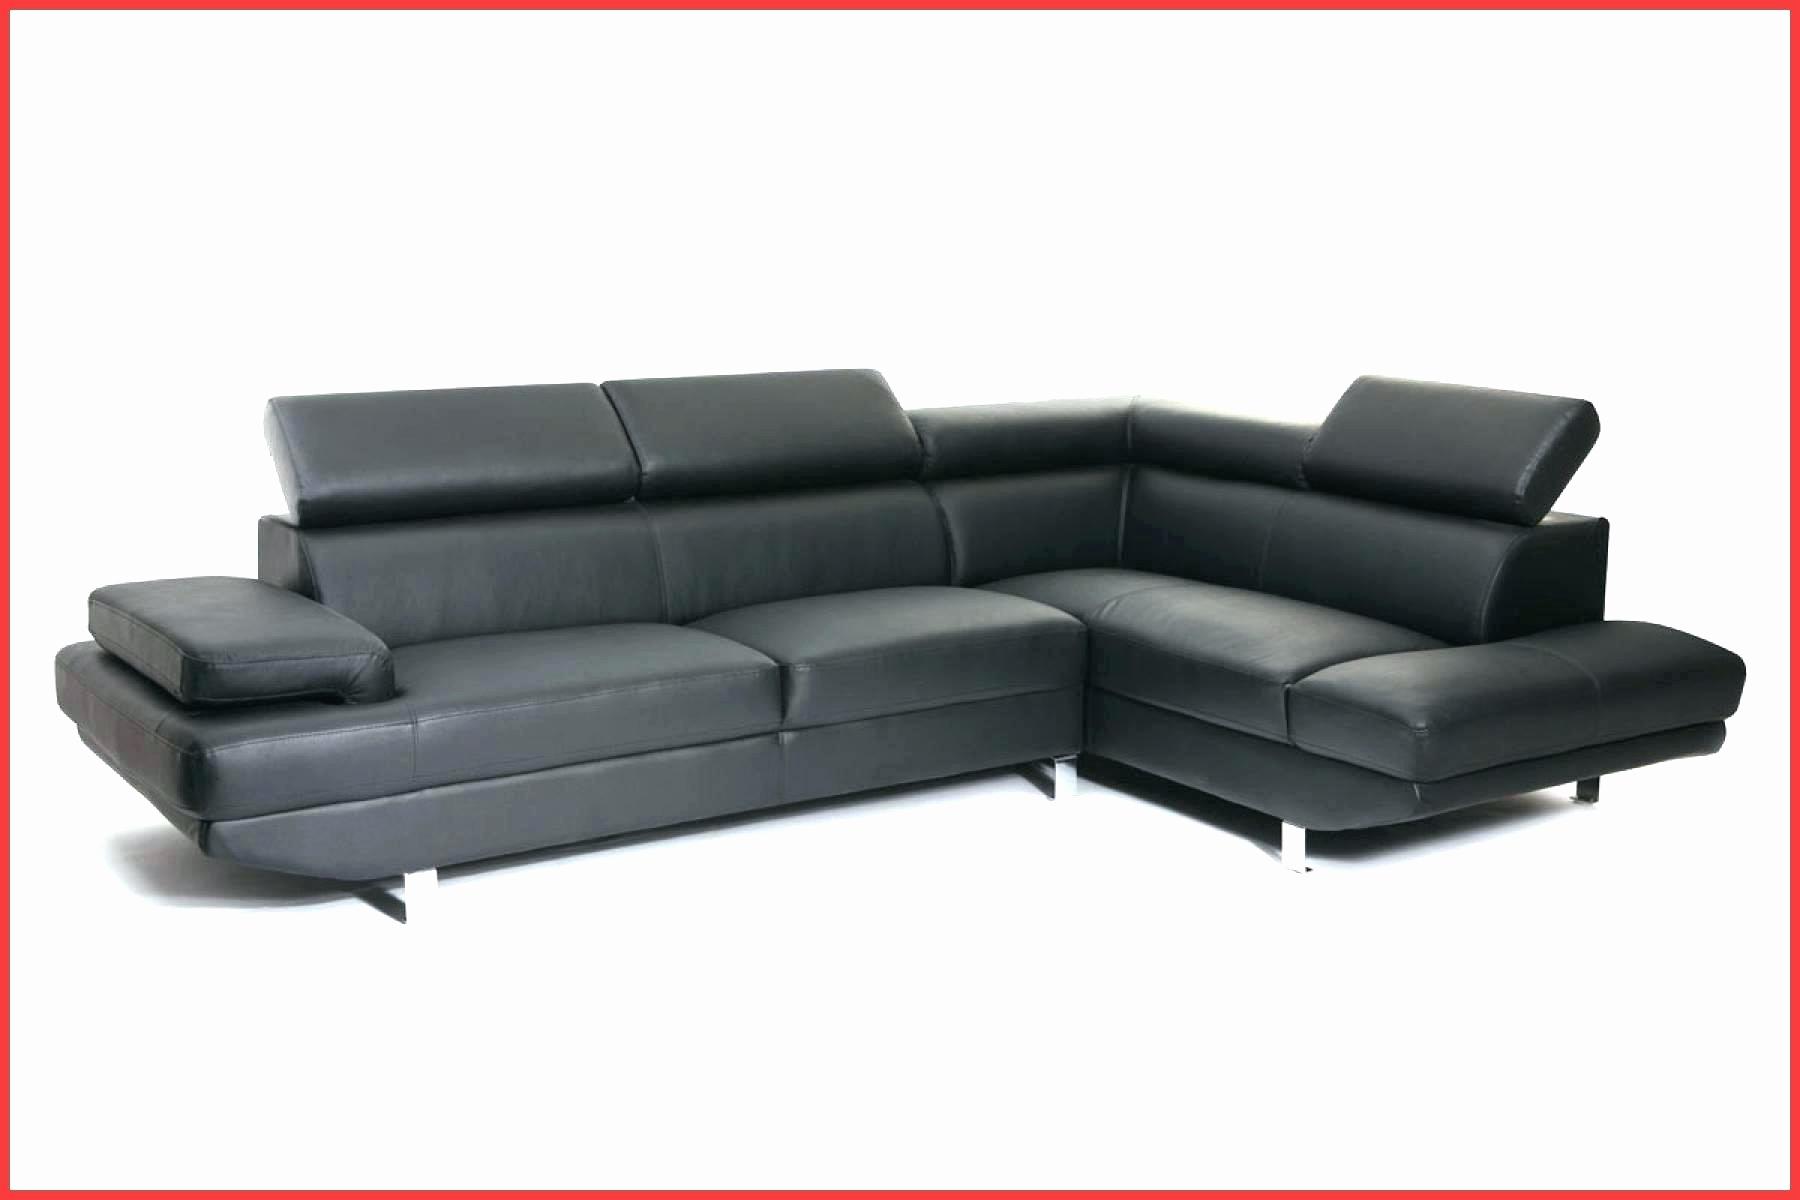 Ikea Ektorp Convertible Nouveau Images Canap Convertible Ikea Ektorp Clic Clac Matelas Bultex Ides